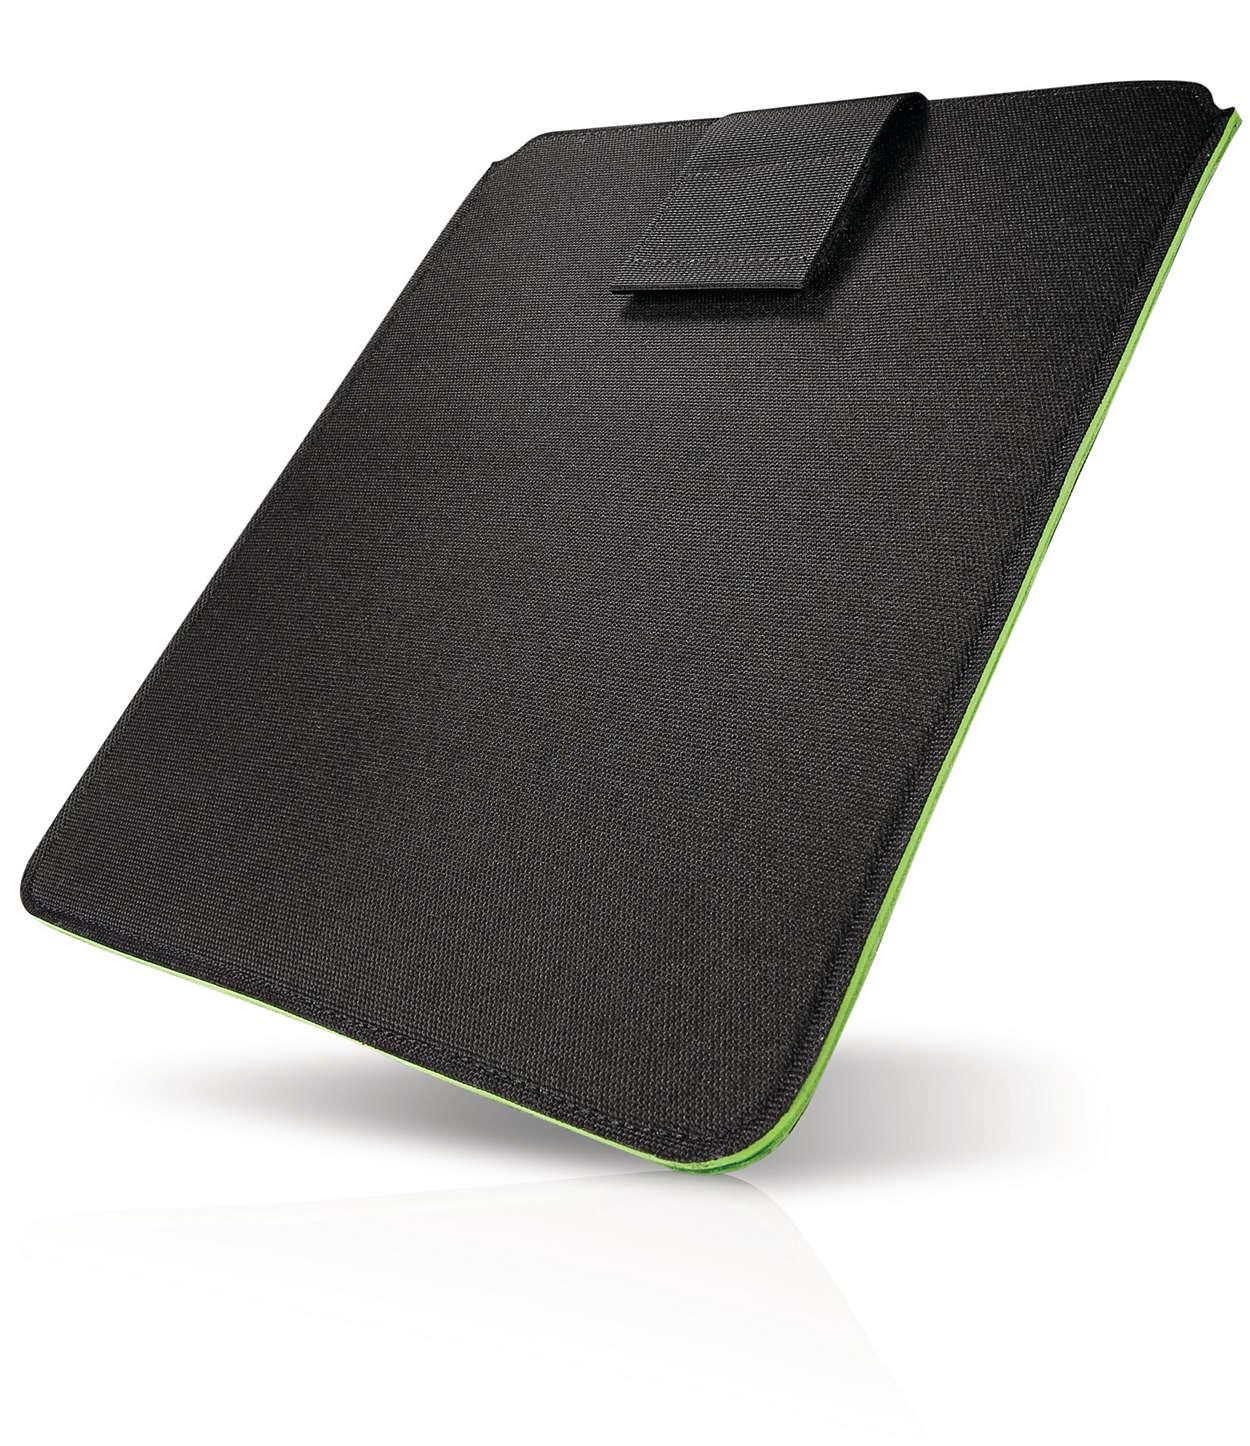 Protección del iPad mejorada